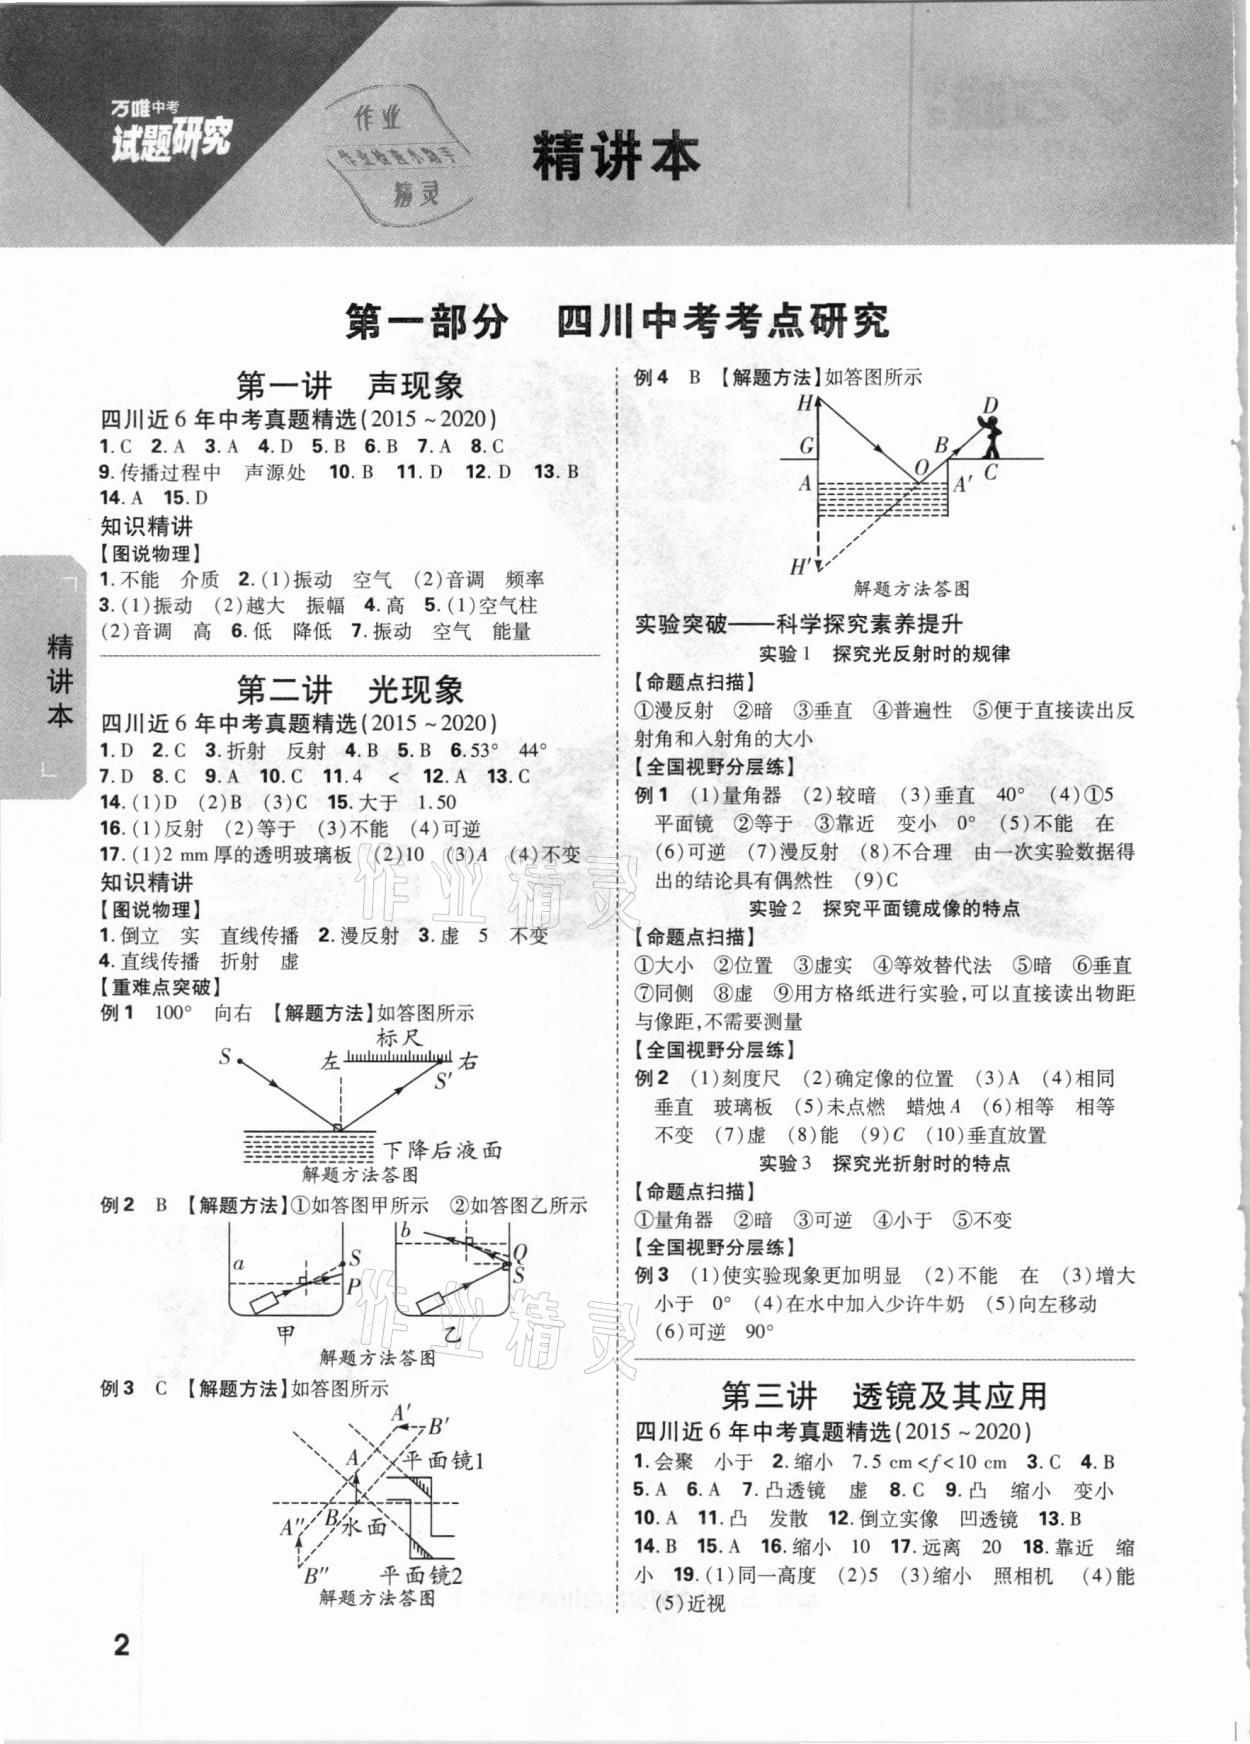 2021年万唯中考试题研究物理四川专版参考答案第1页